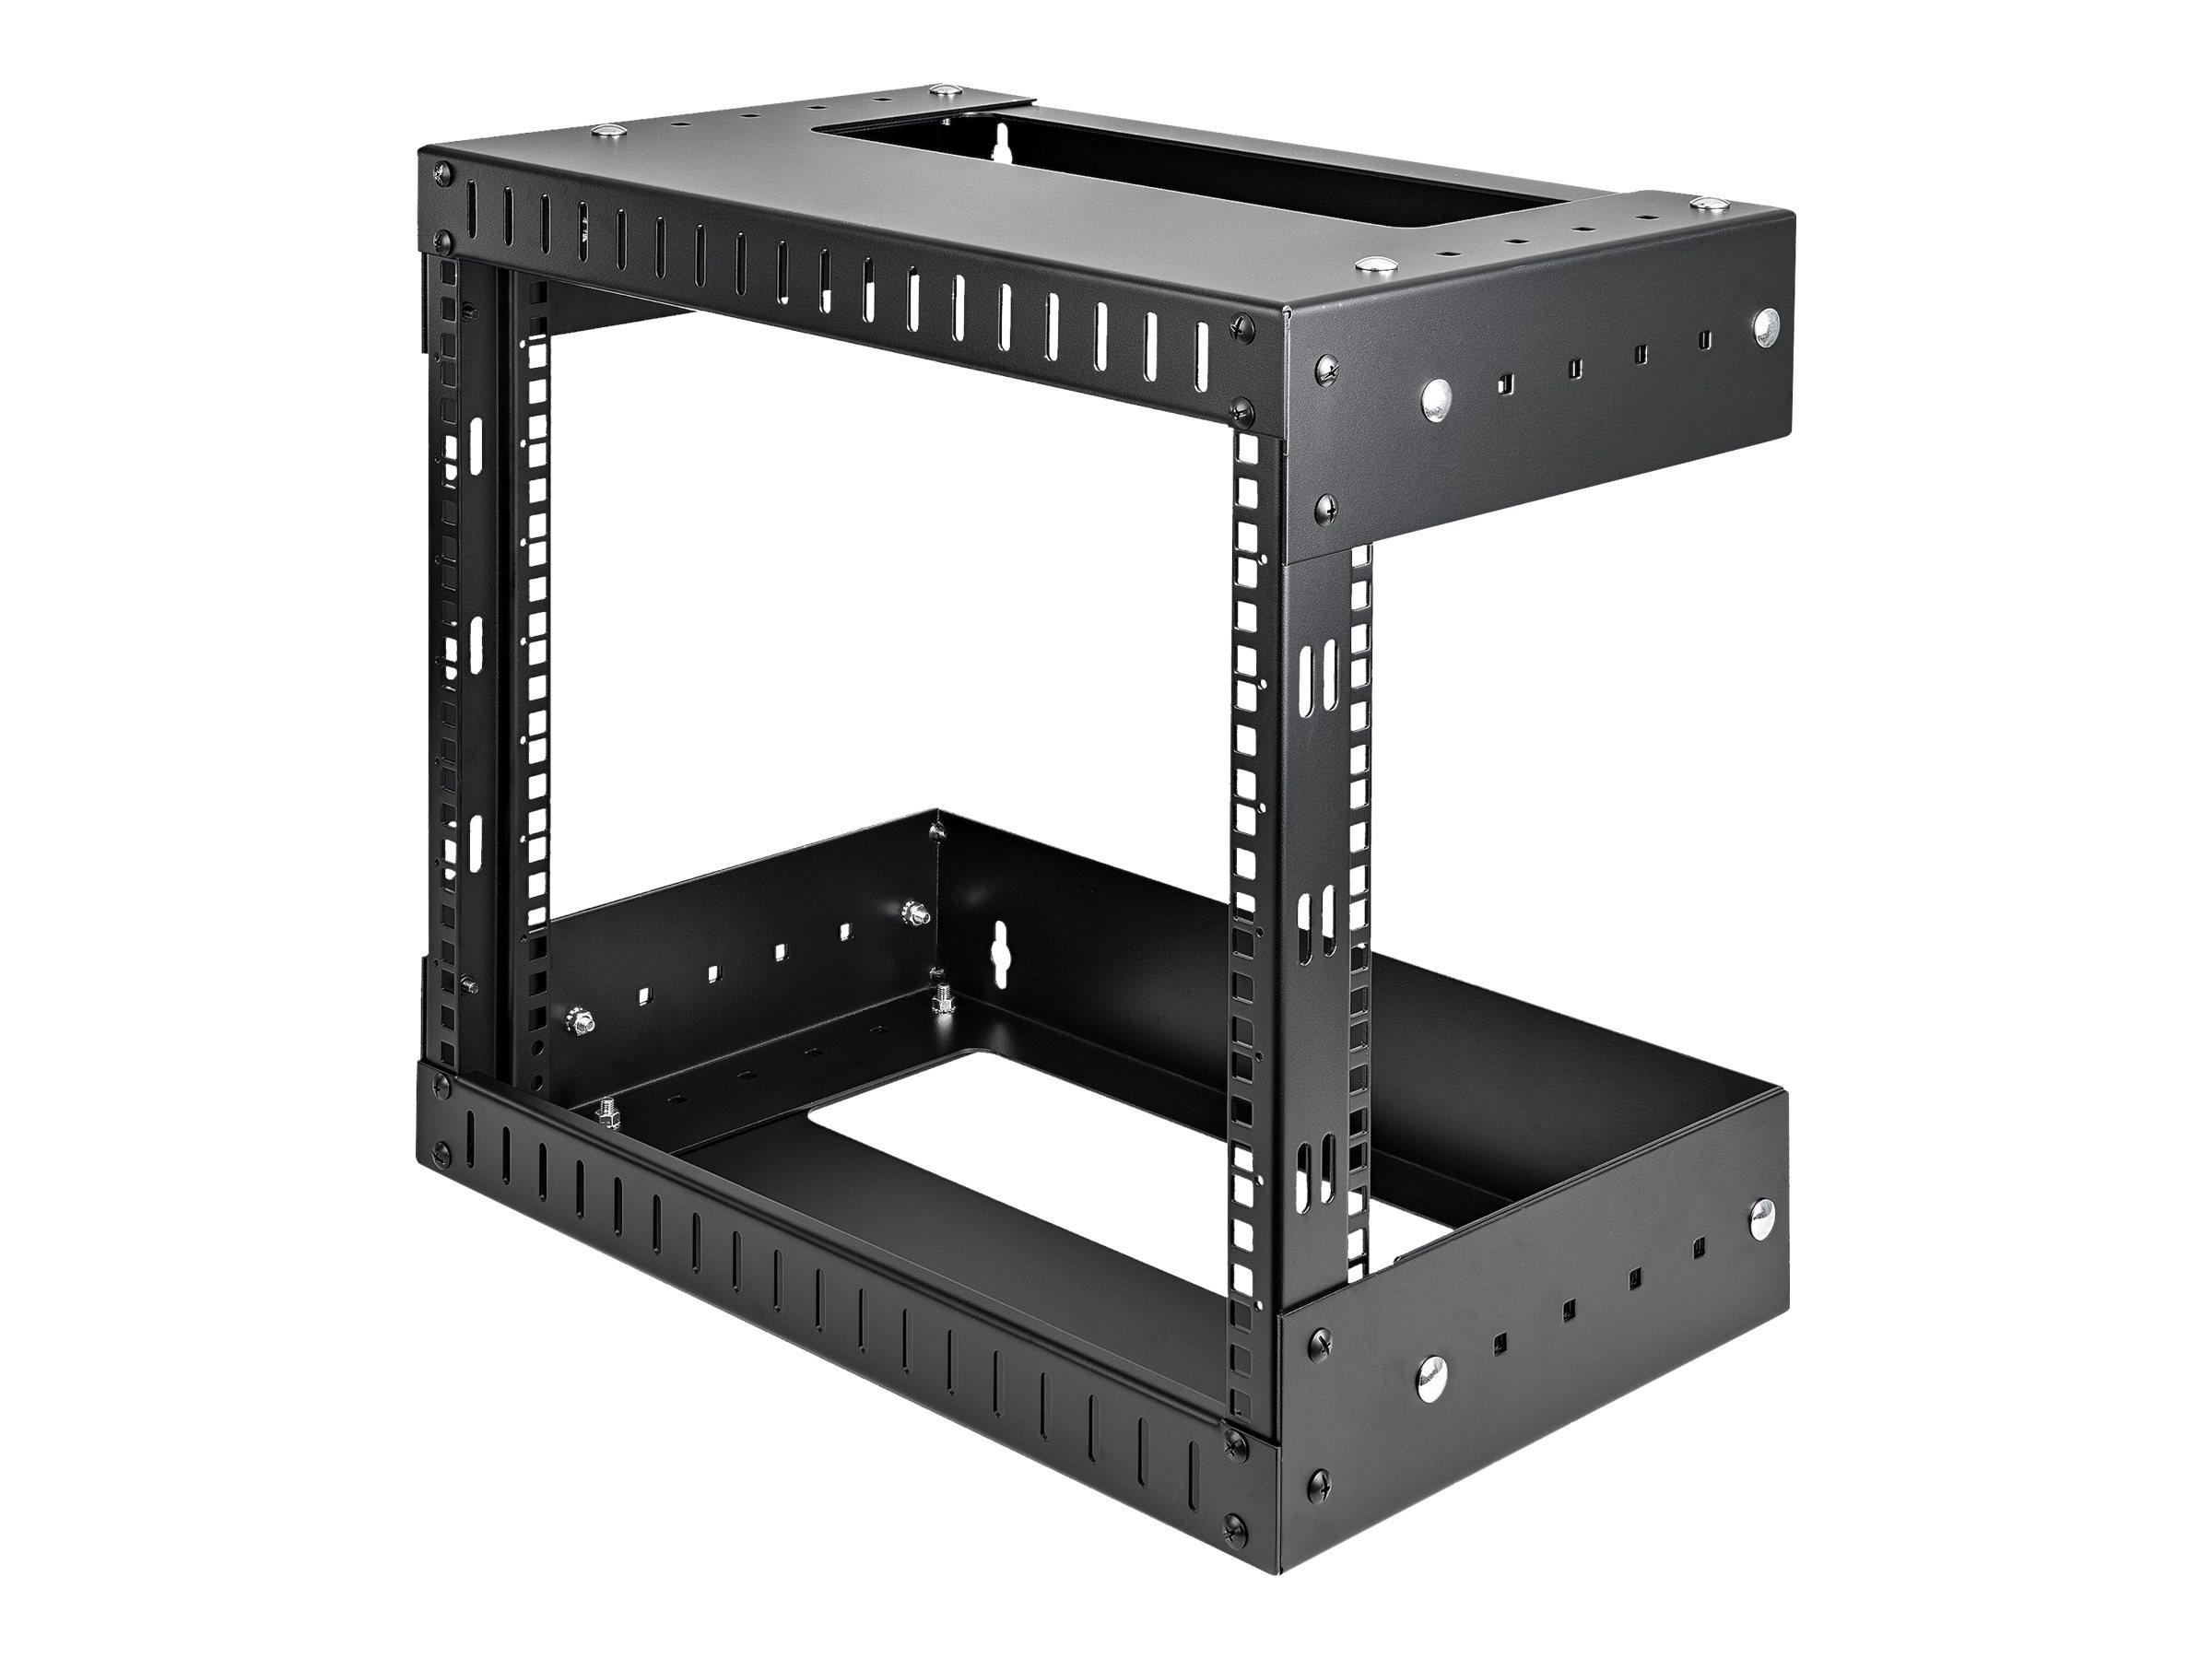 StarTech.com 8HE 19 Open Frame Geräte Rack Wandmontagefähig - Tiefenverstellbar - Wall Mount Rack aus Stahl - Schrank - geeignet